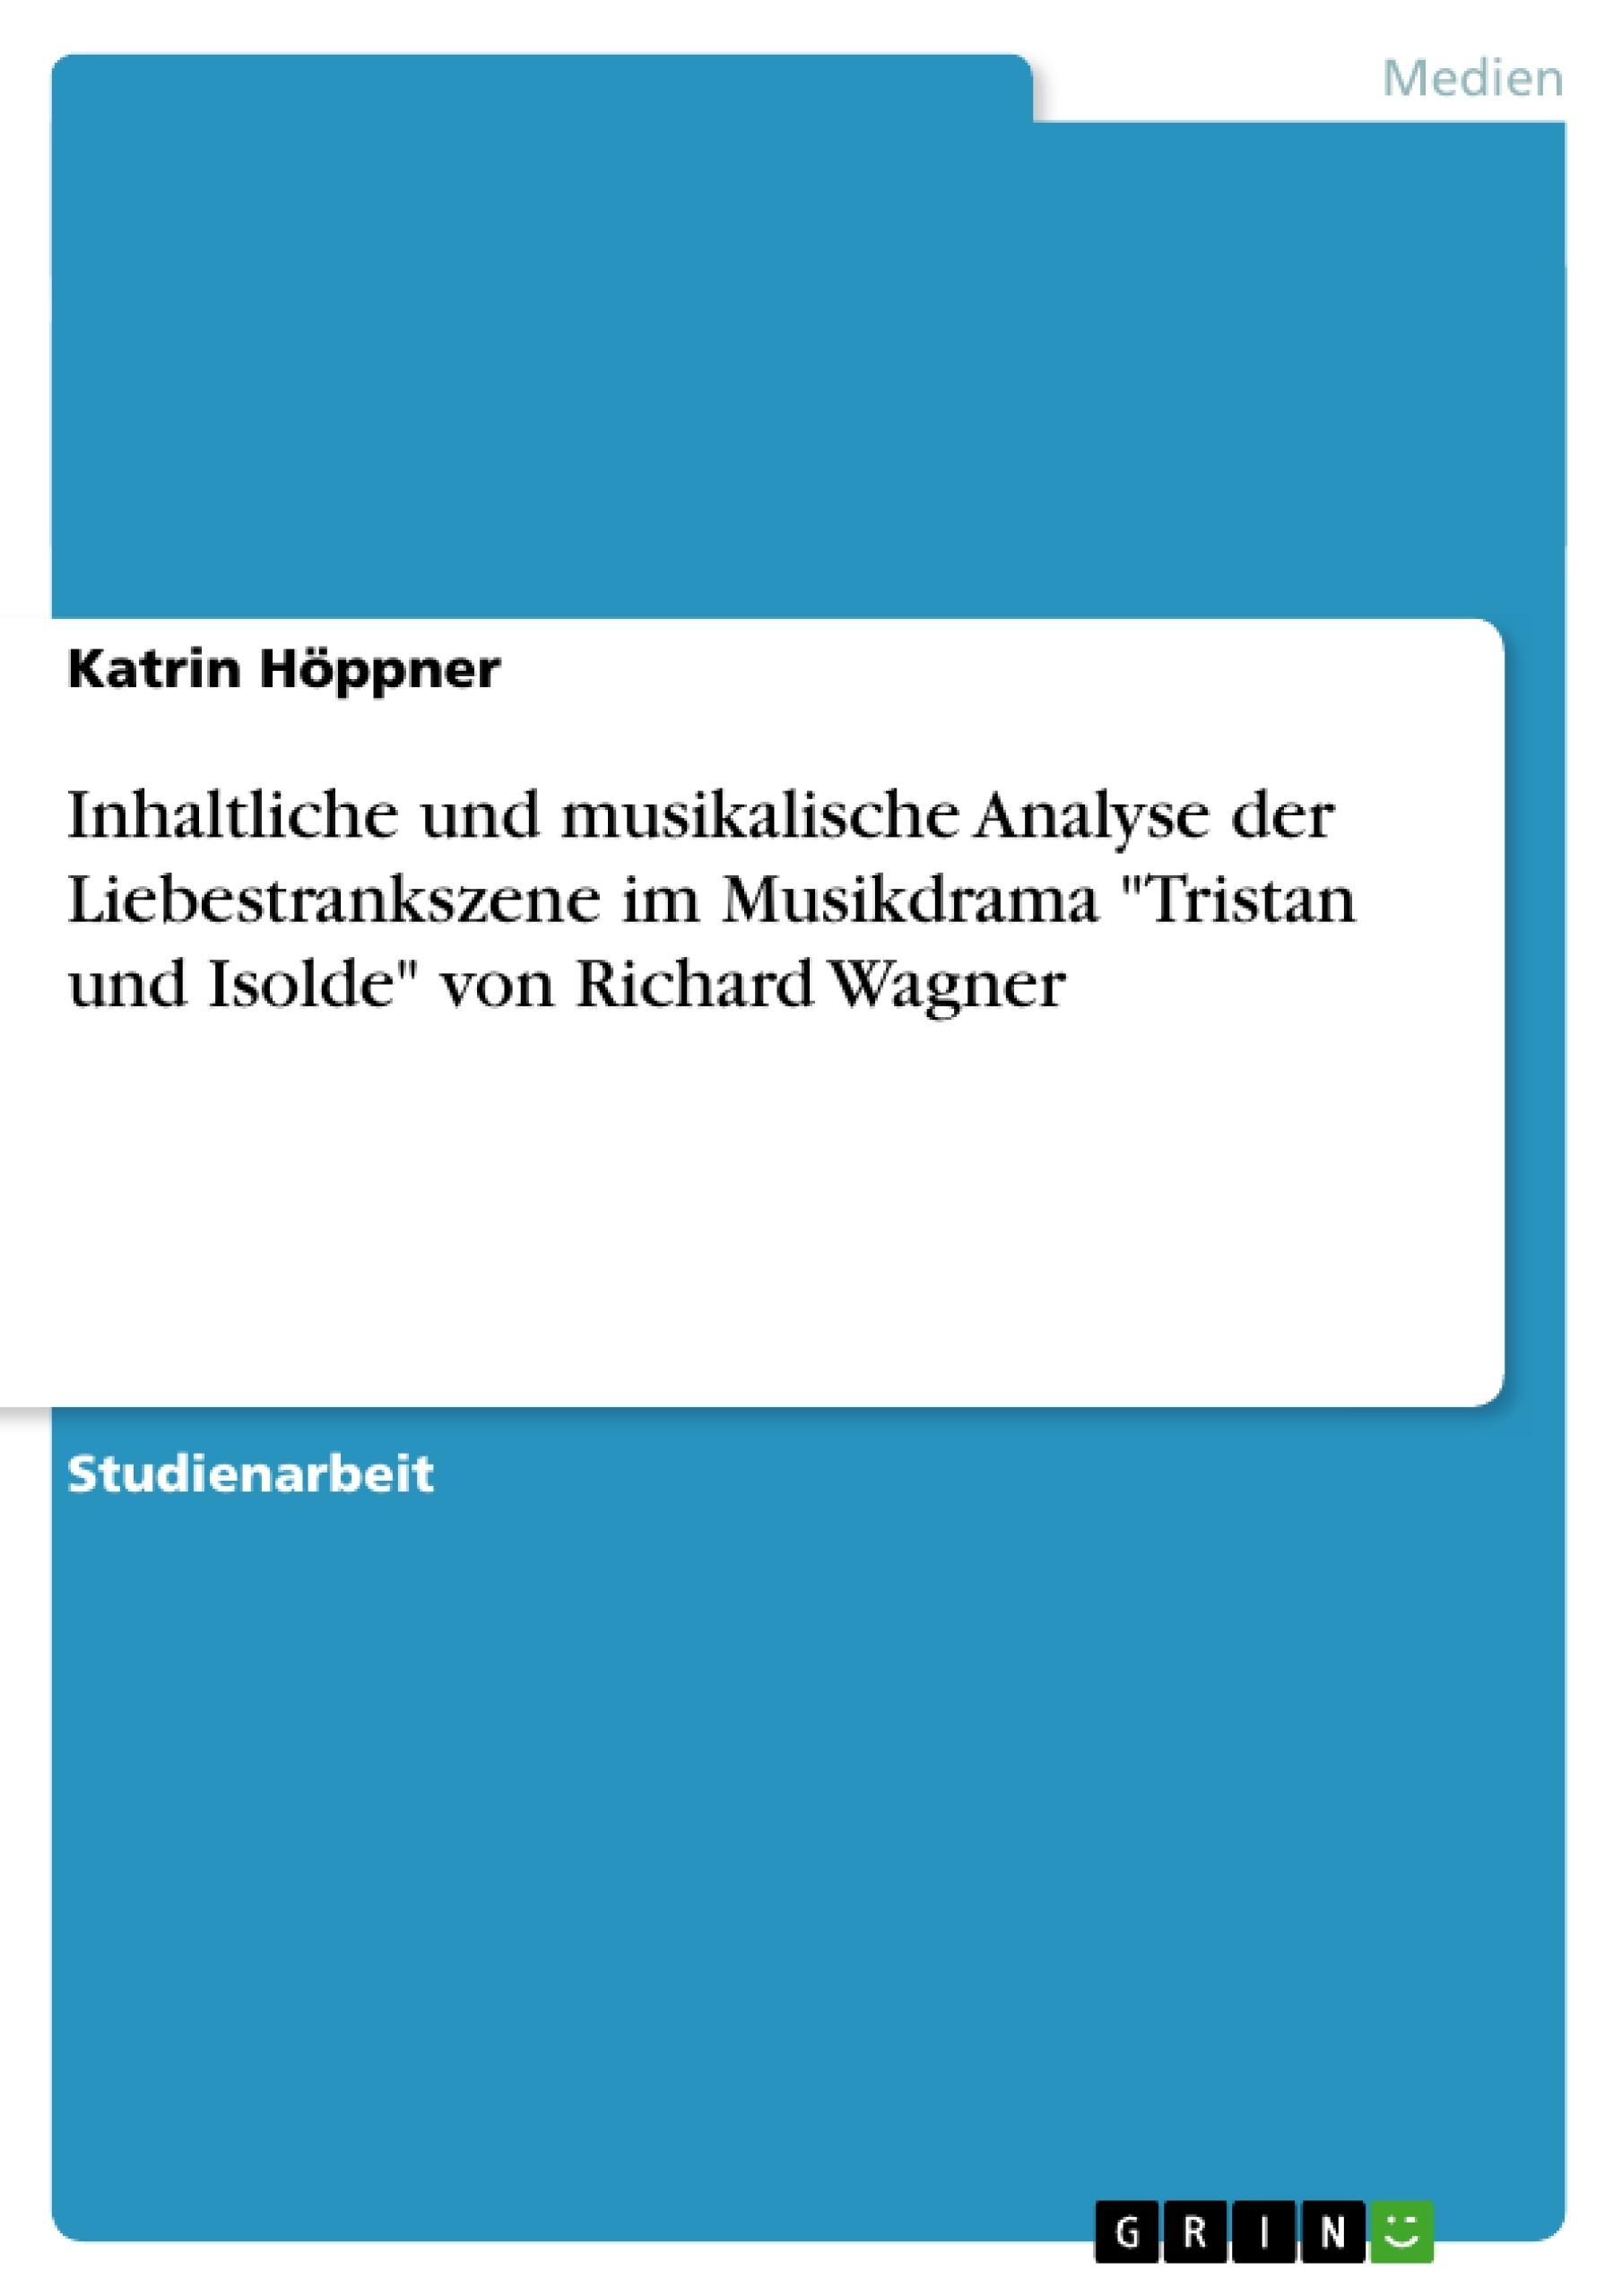 """Titel: Inhaltliche und musikalische Analyse der Liebestrankszene im Musikdrama """"Tristan und Isolde"""" von Richard Wagner"""